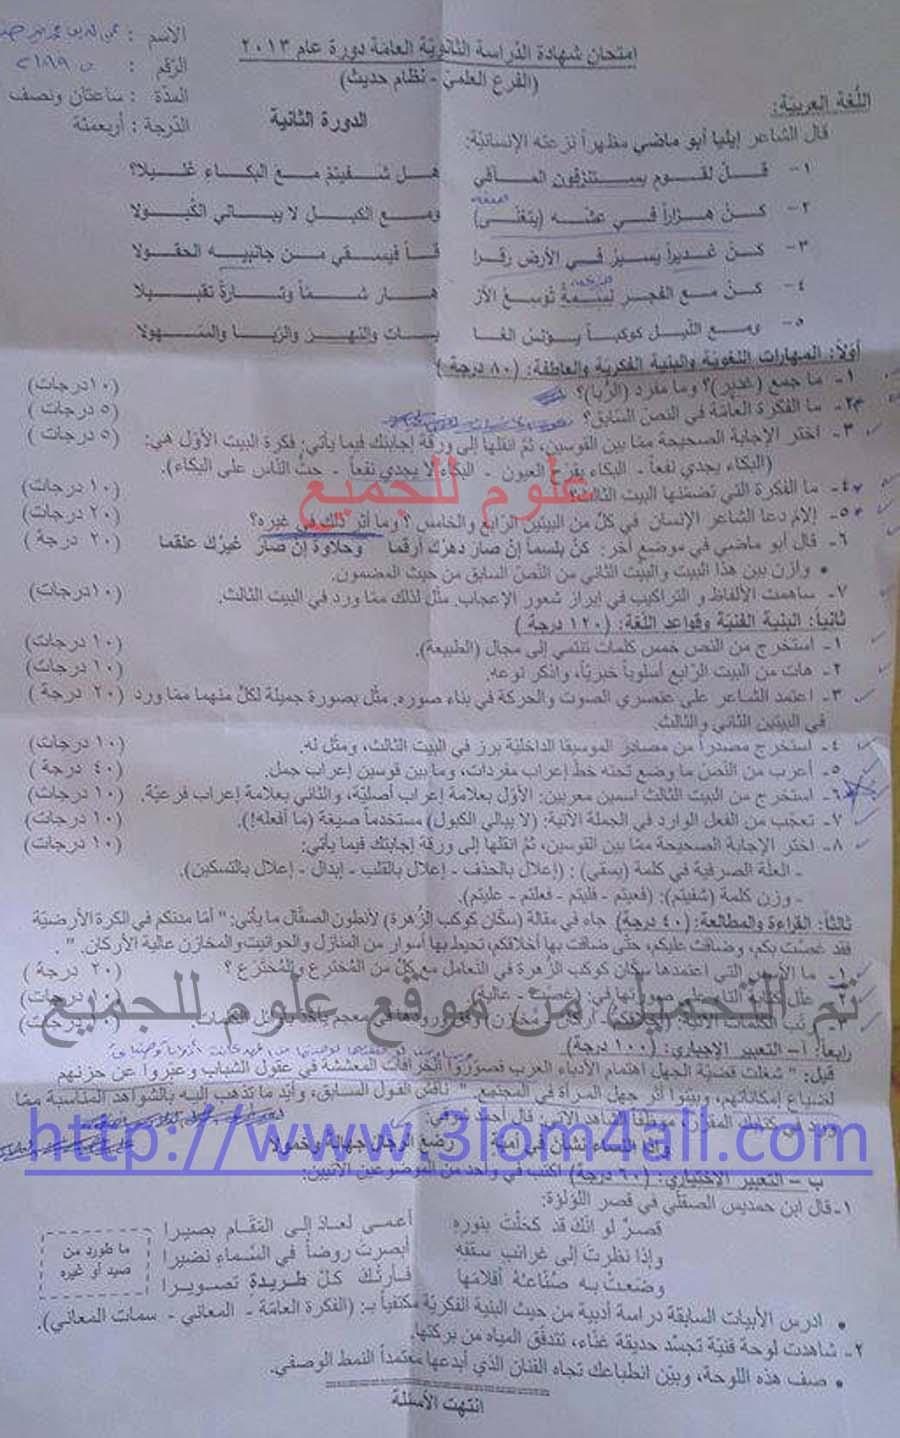 أسئلة اللغة العربية البكالوريا العلمي 2013 الدورة الثانية